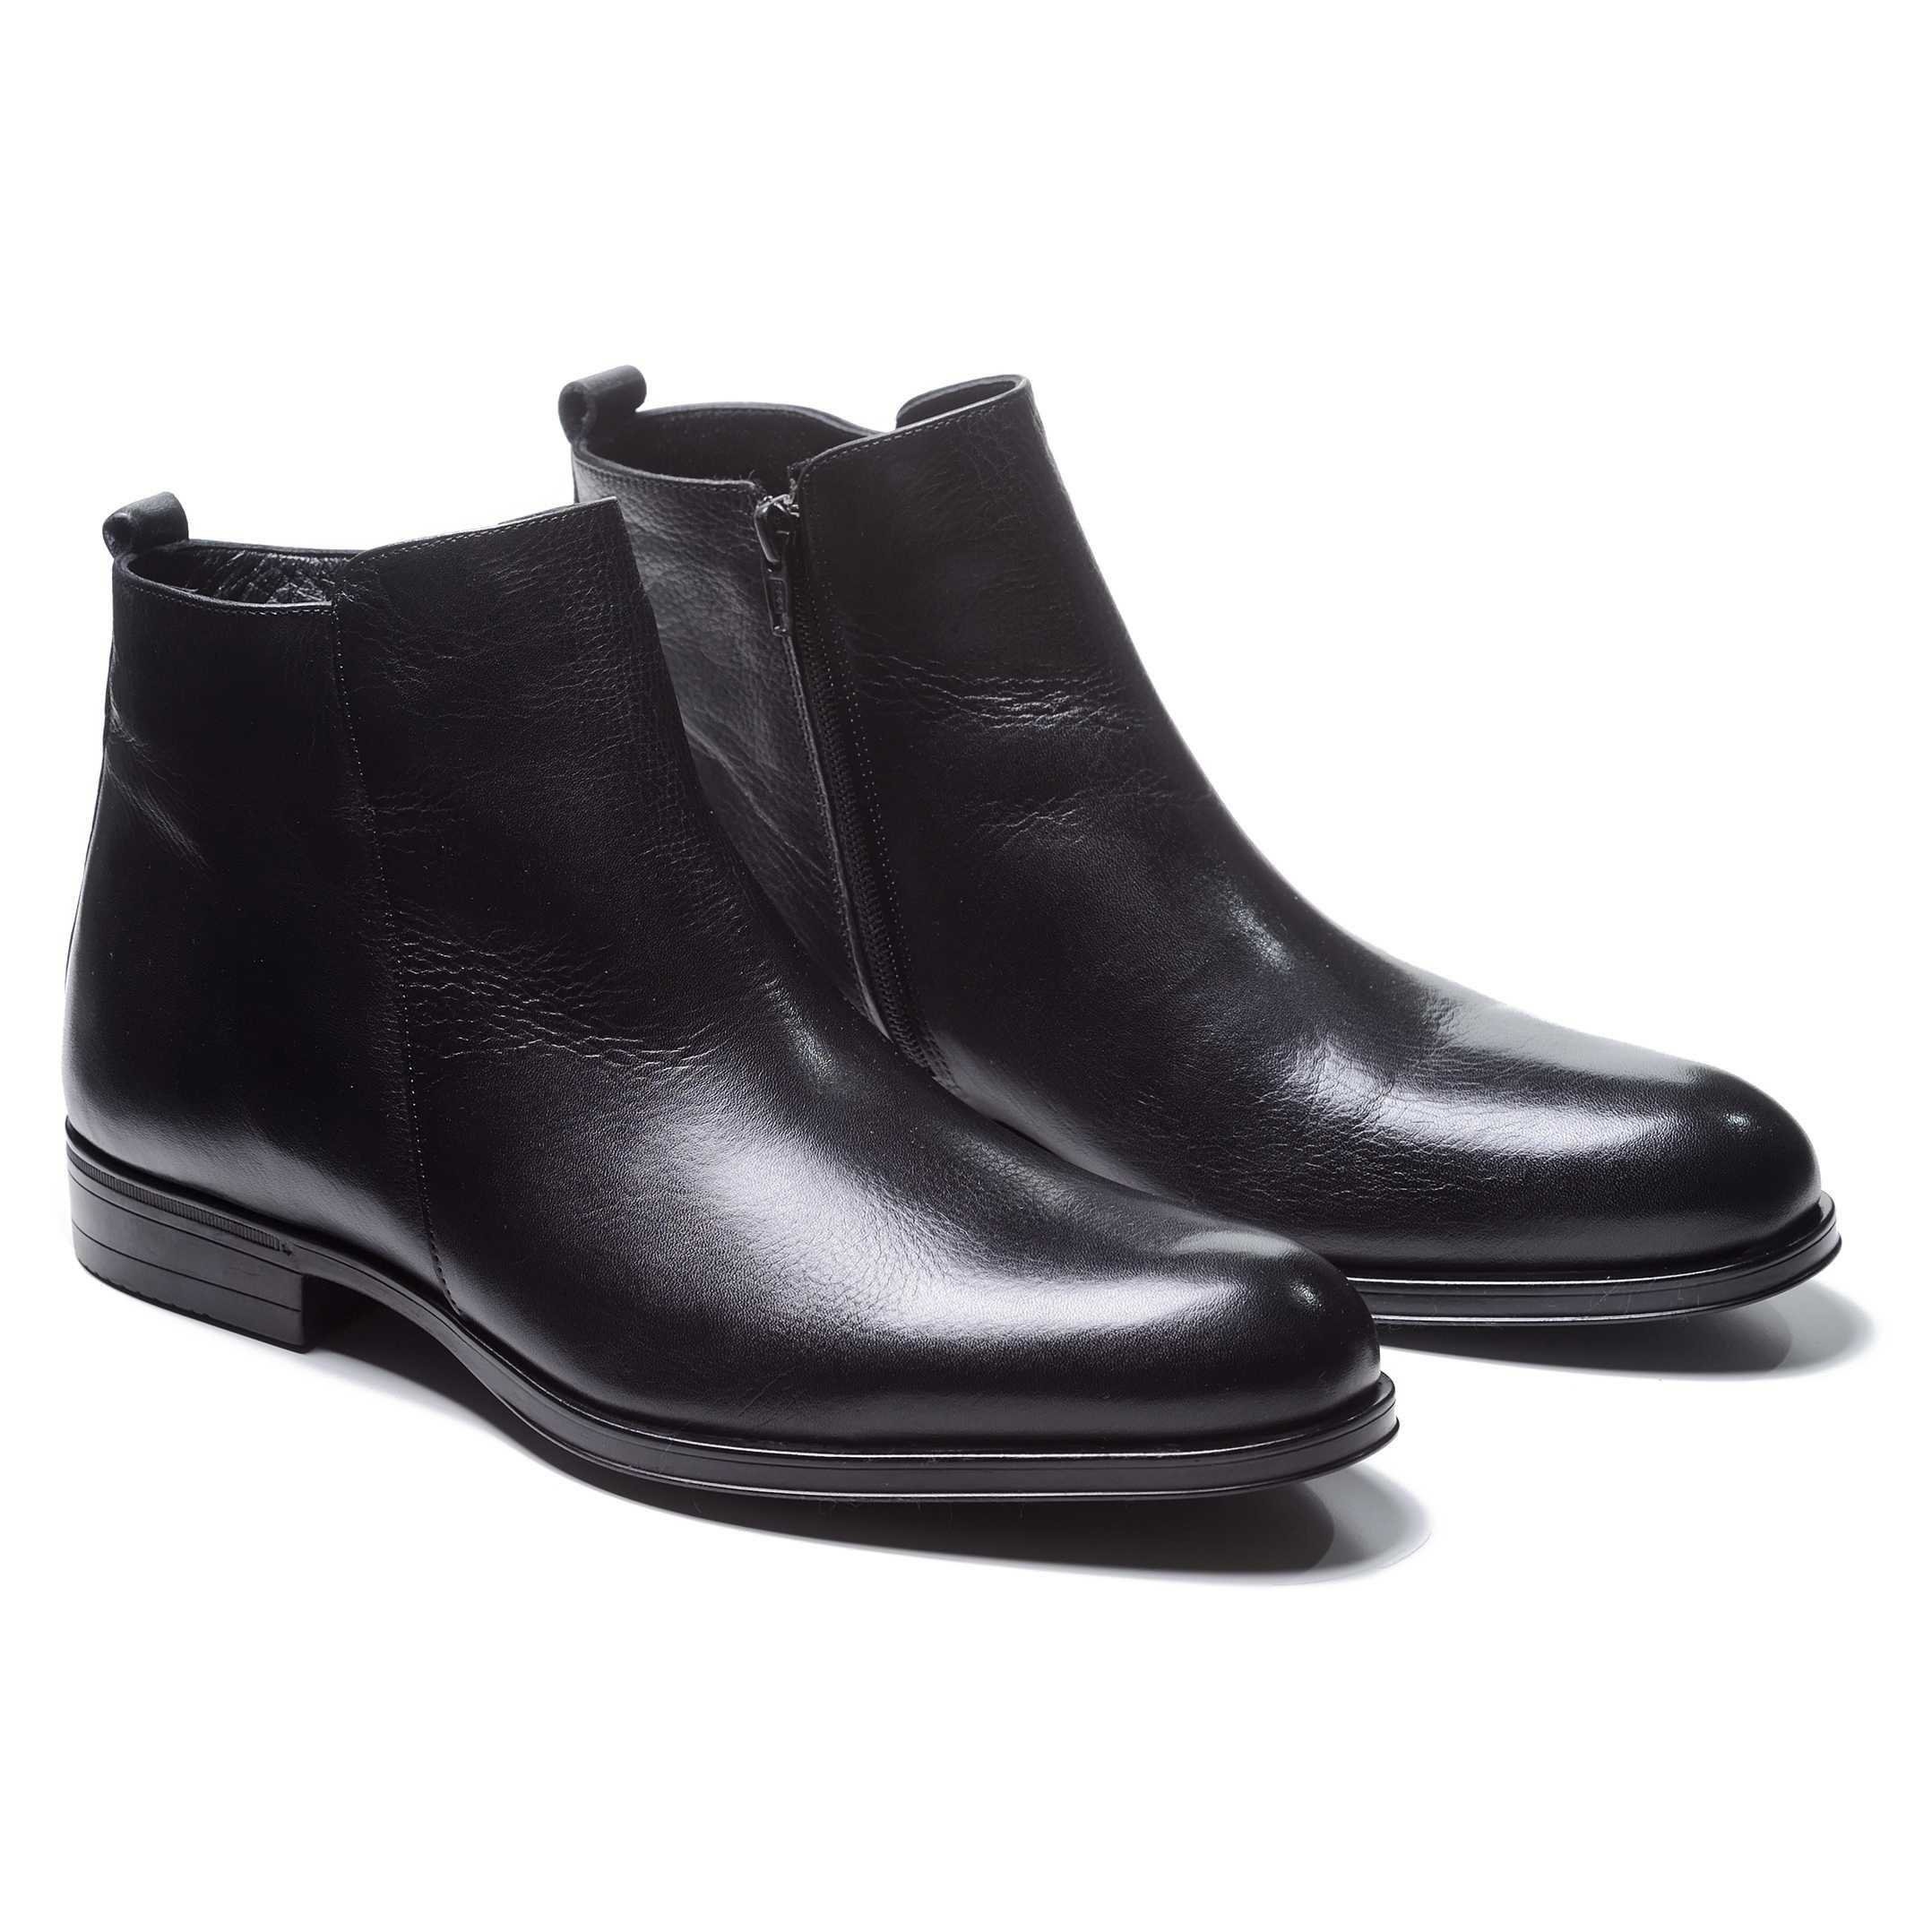 Ботинки мужские черные из гладкой кожи сбоку на замке (plain toe side zip boot)